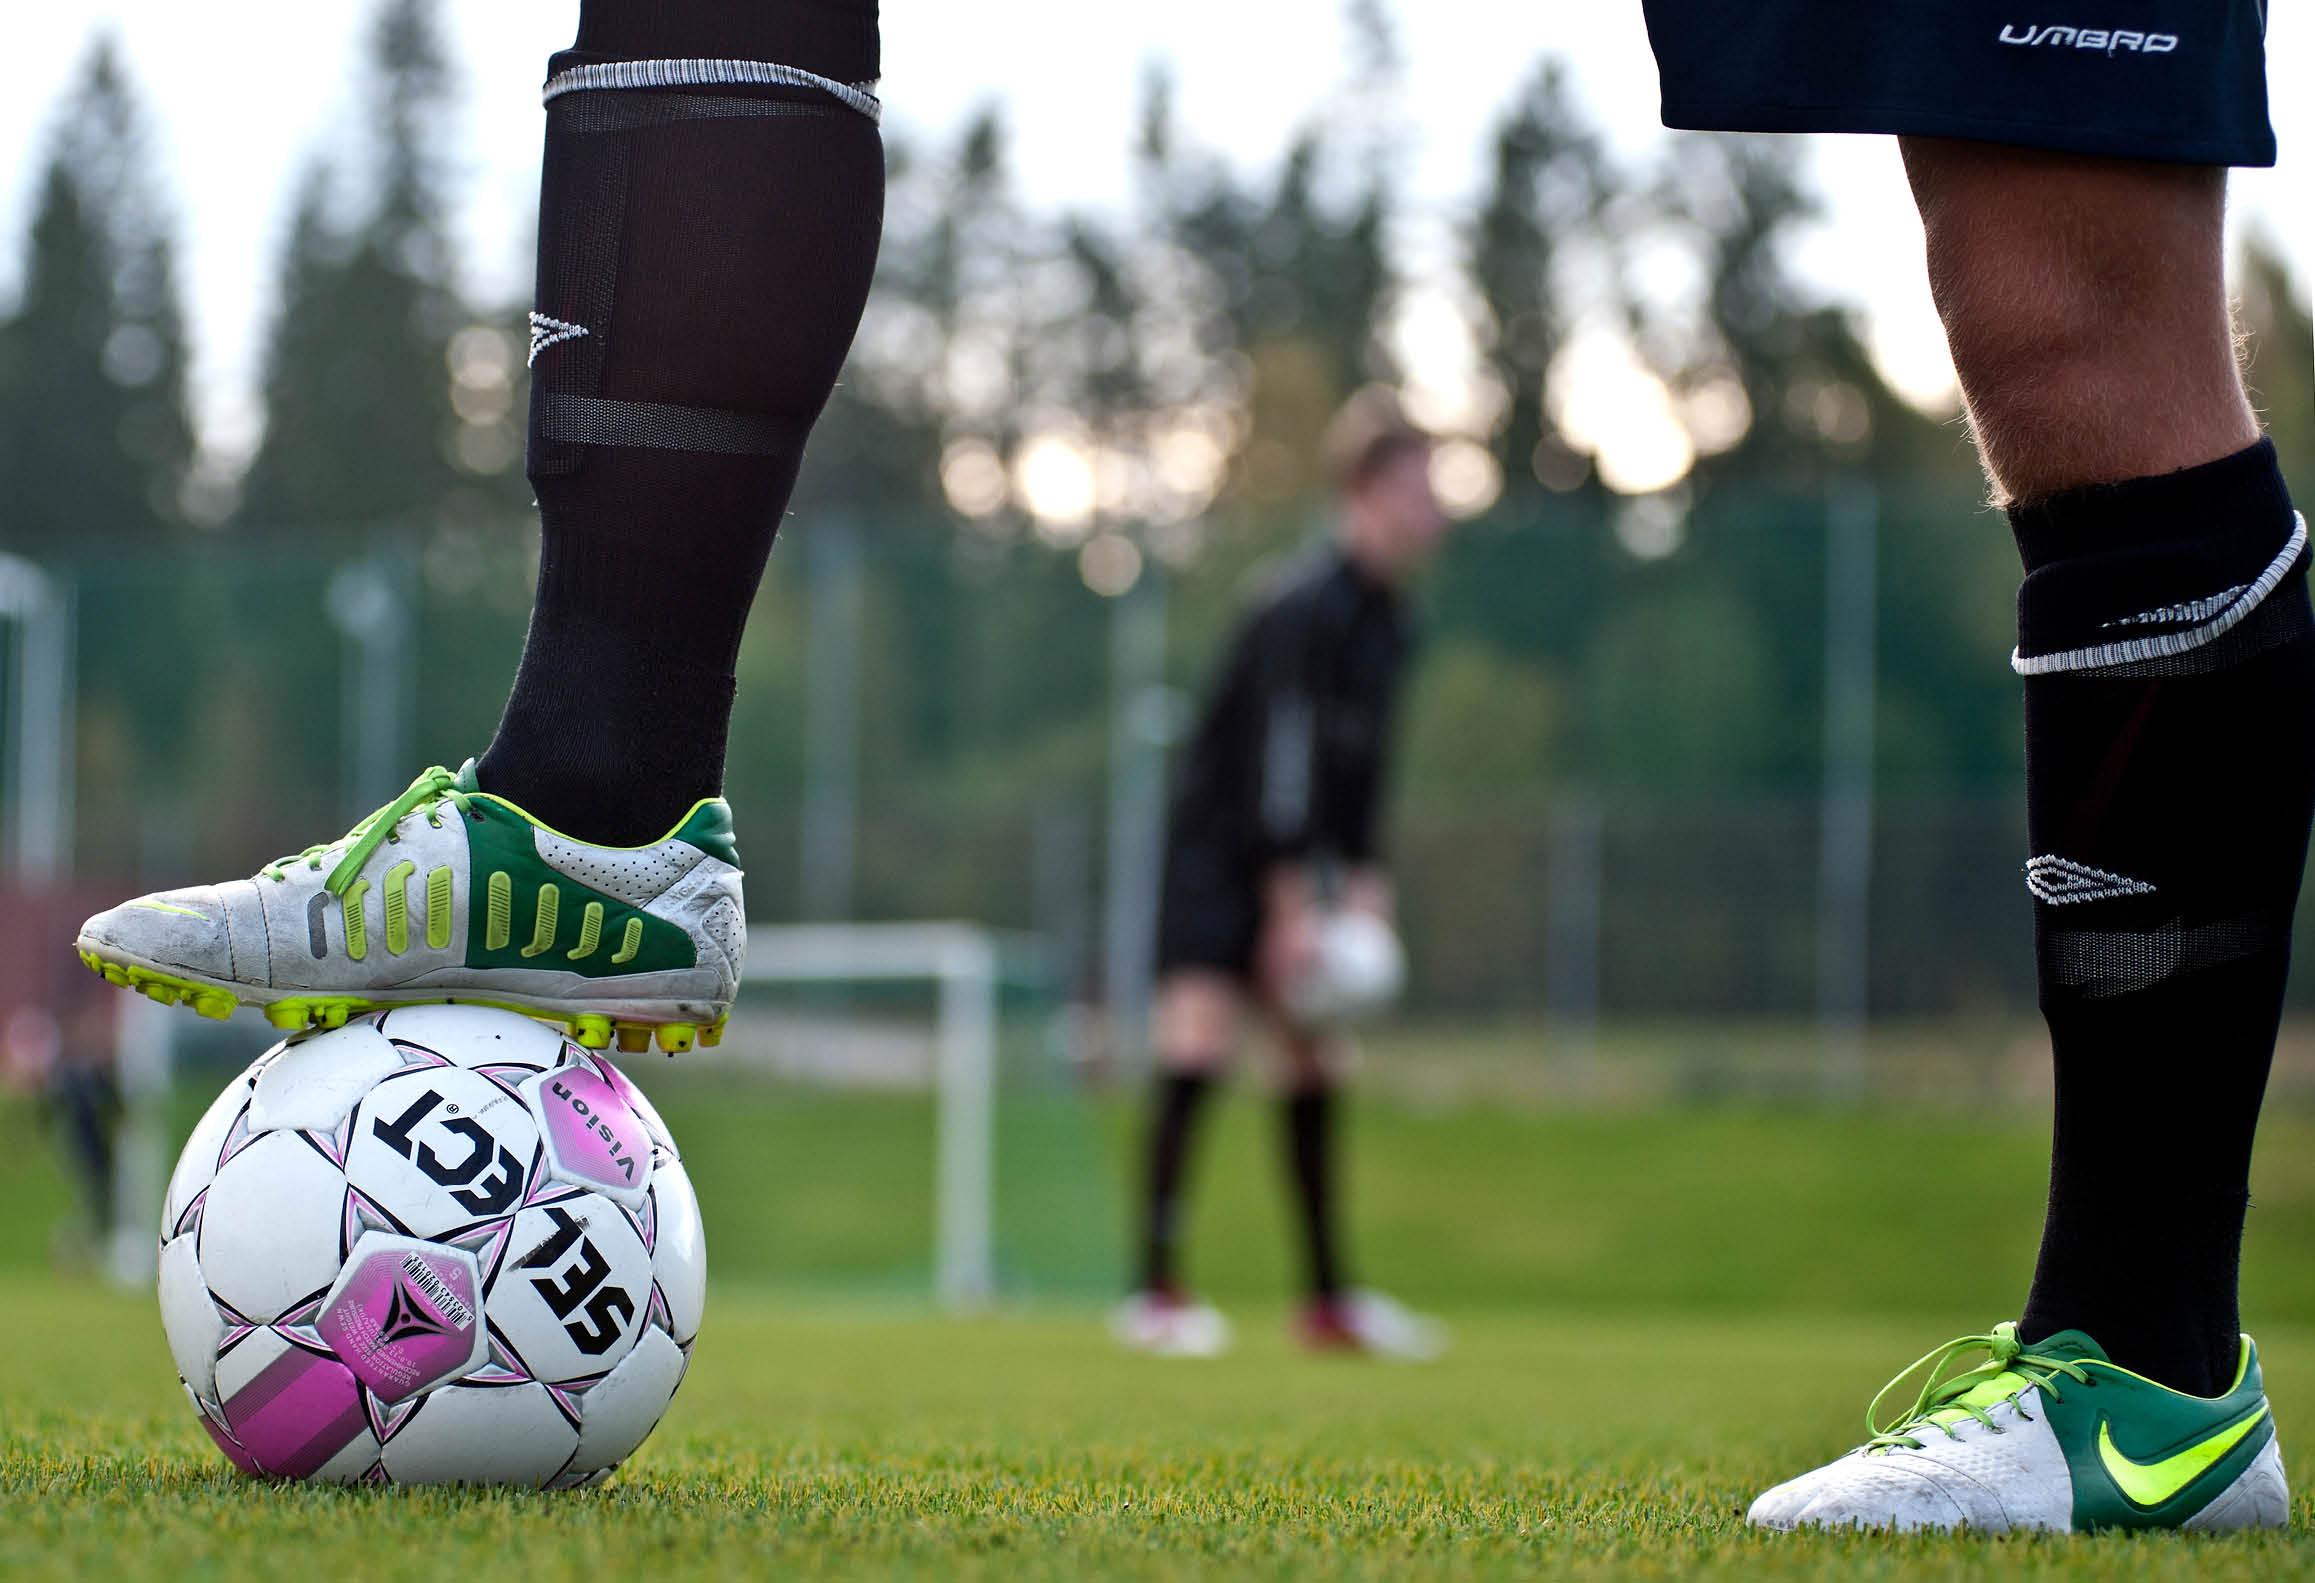 Spelare med fotboll på fotbollsplan